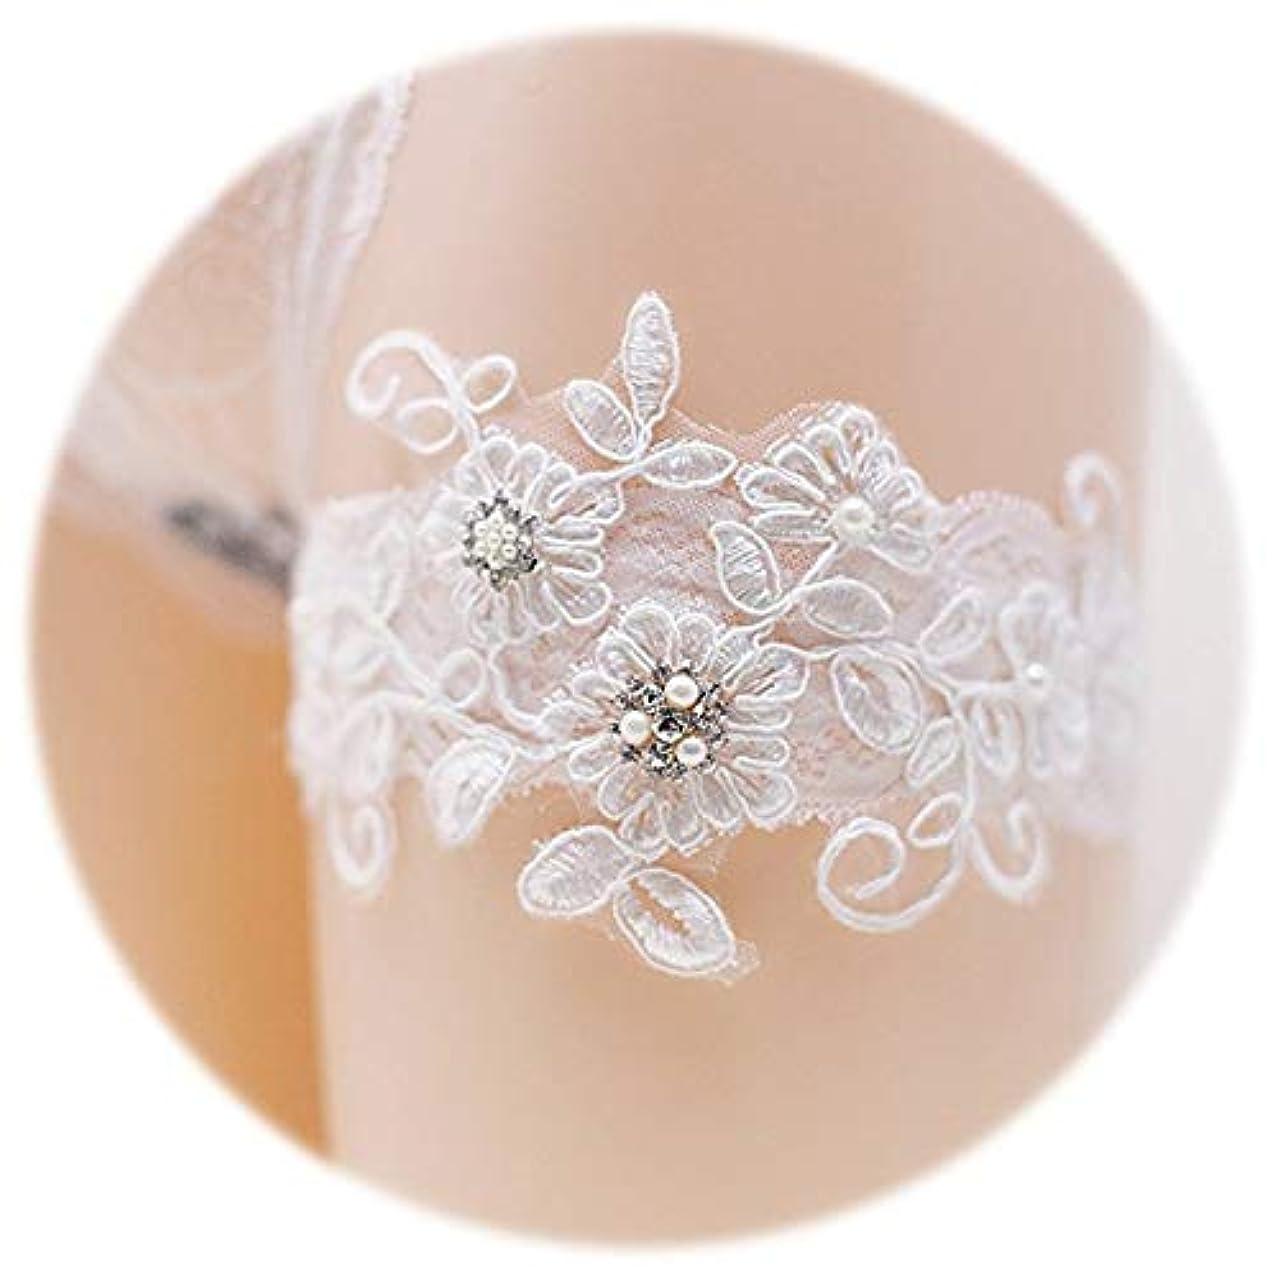 村示す独立して2個の結婚式のブライダルロマンチックな結婚式のレースのガーター手作りのラインストーンレースの真珠の花のガーター (白)